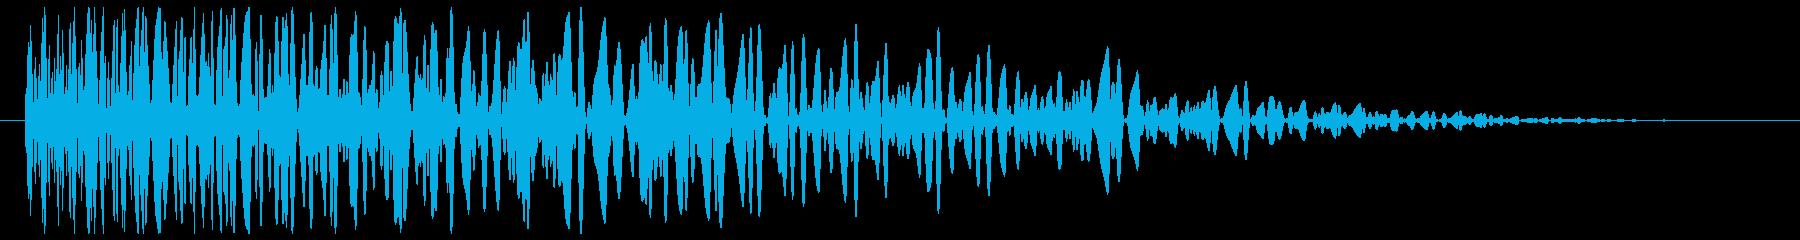 爆発音(鈍い、中規模)の再生済みの波形